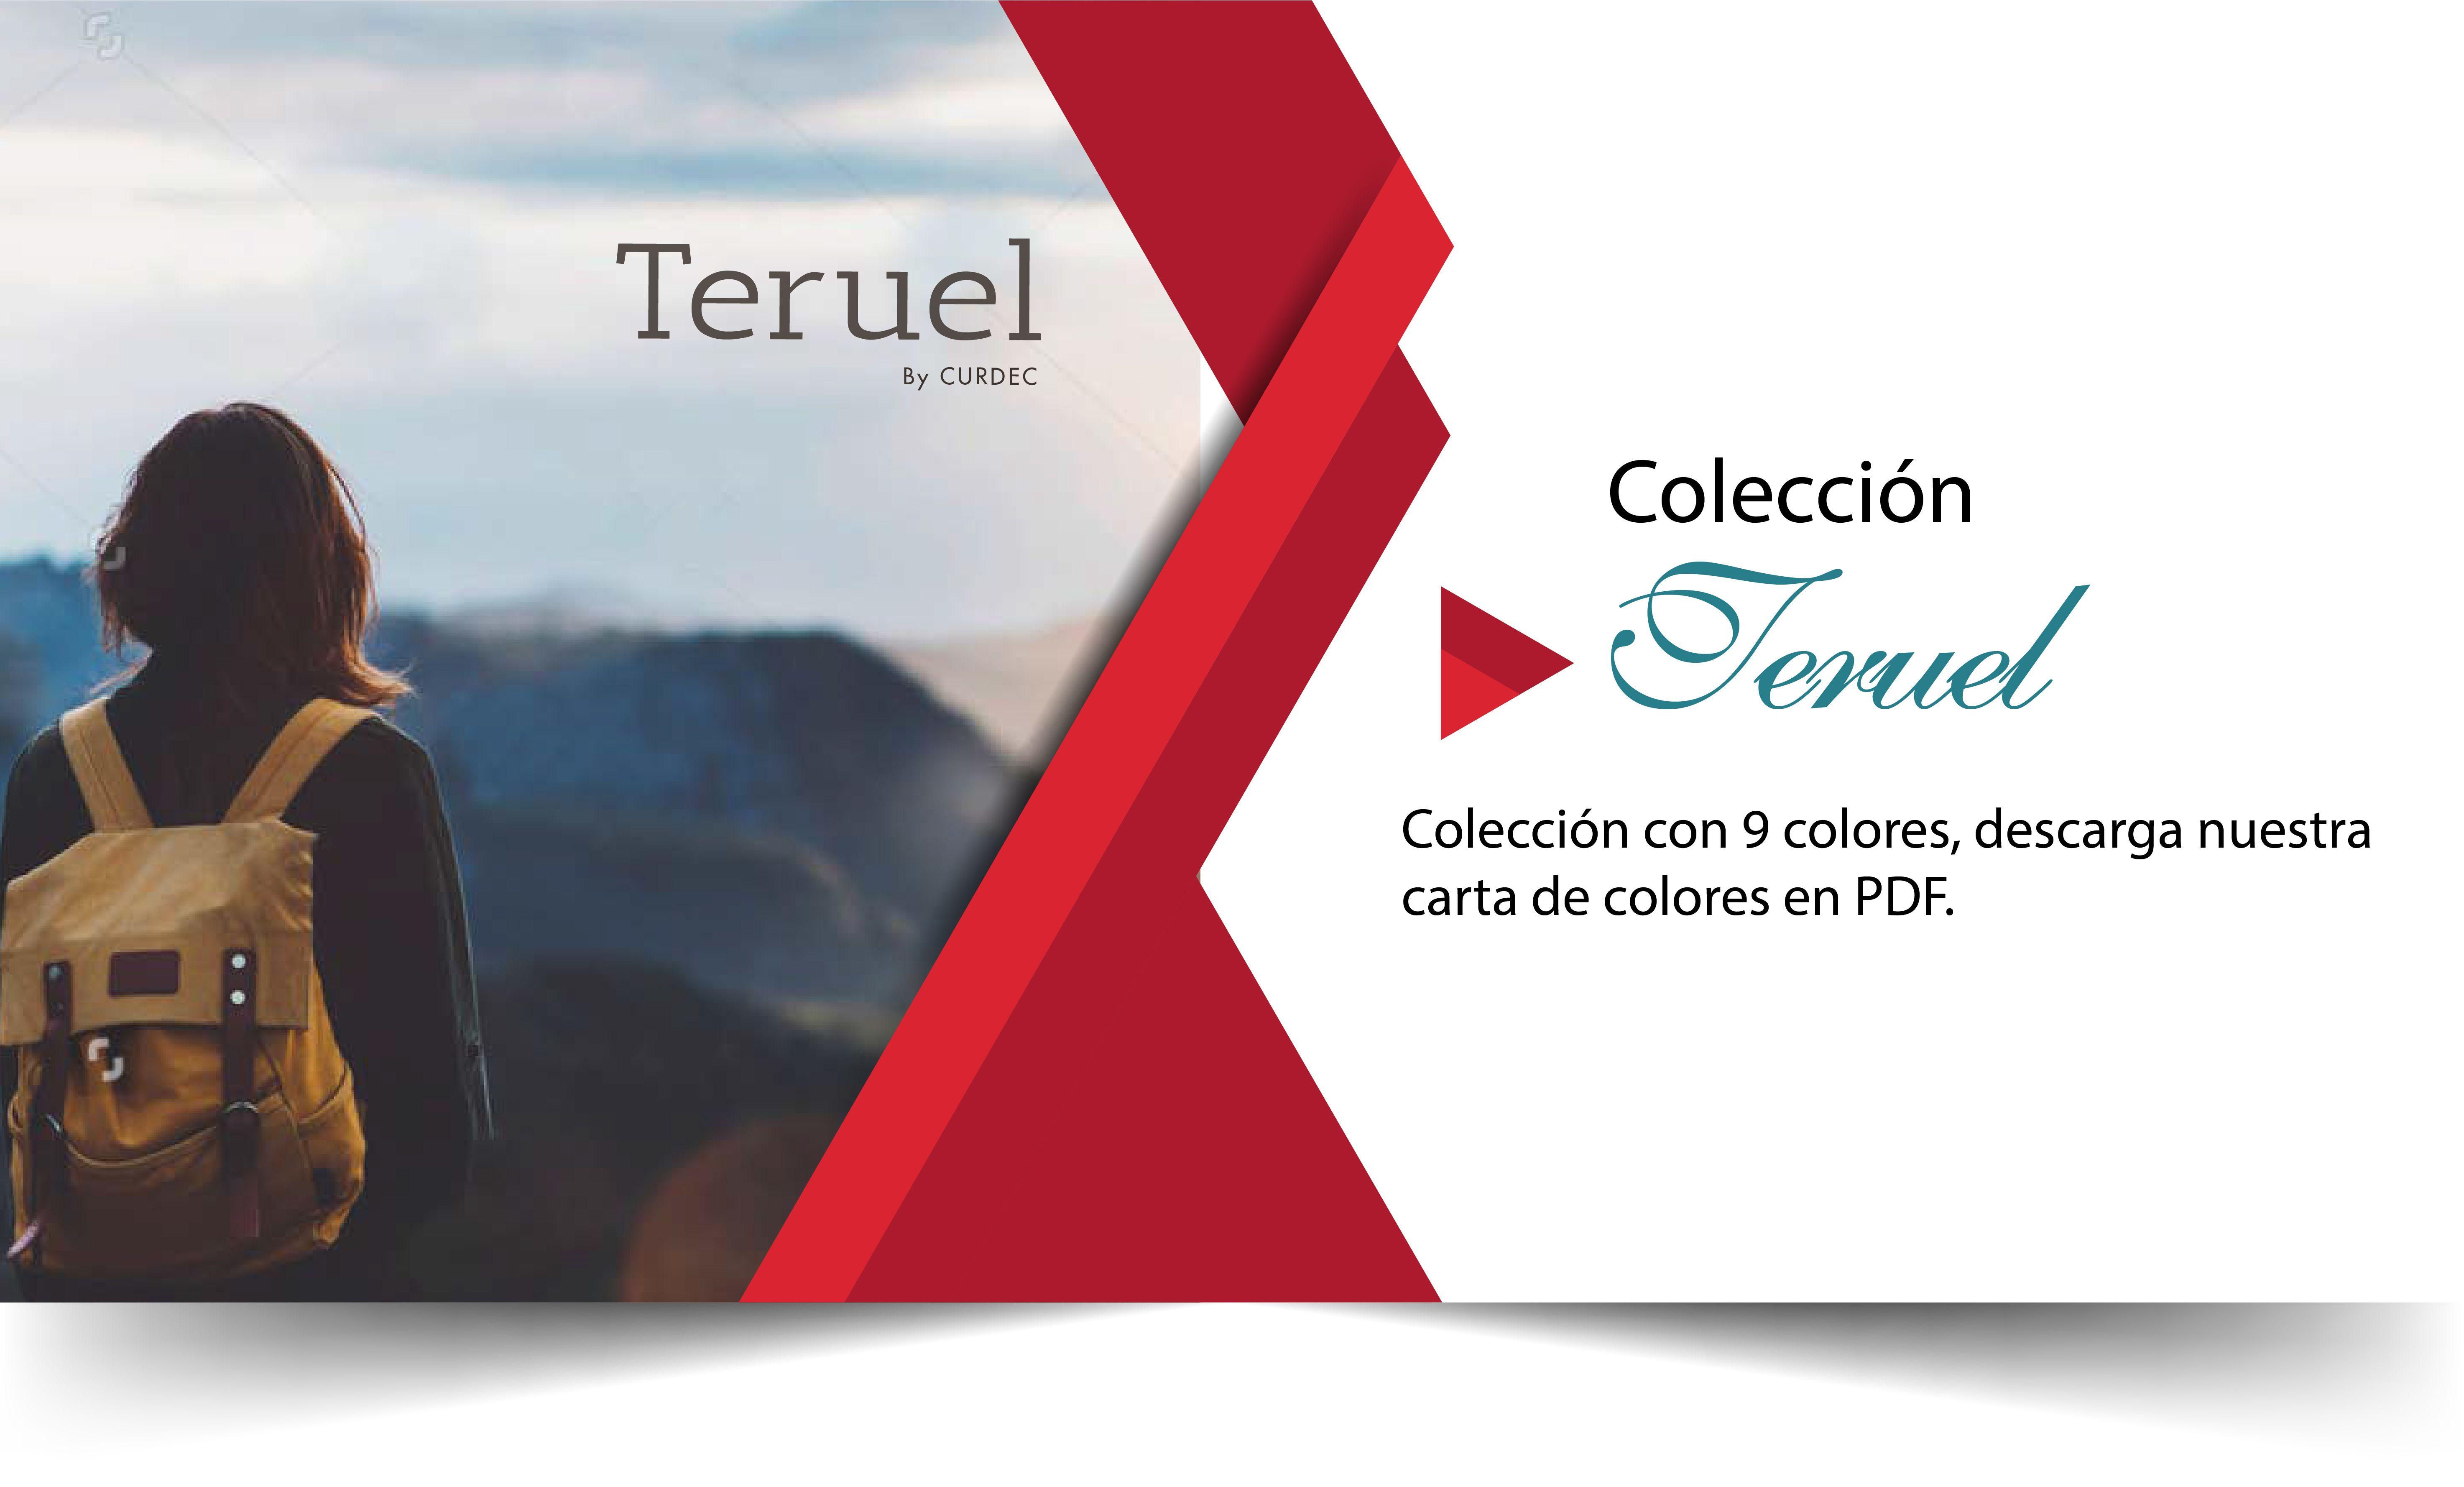 Catalogo Teruel